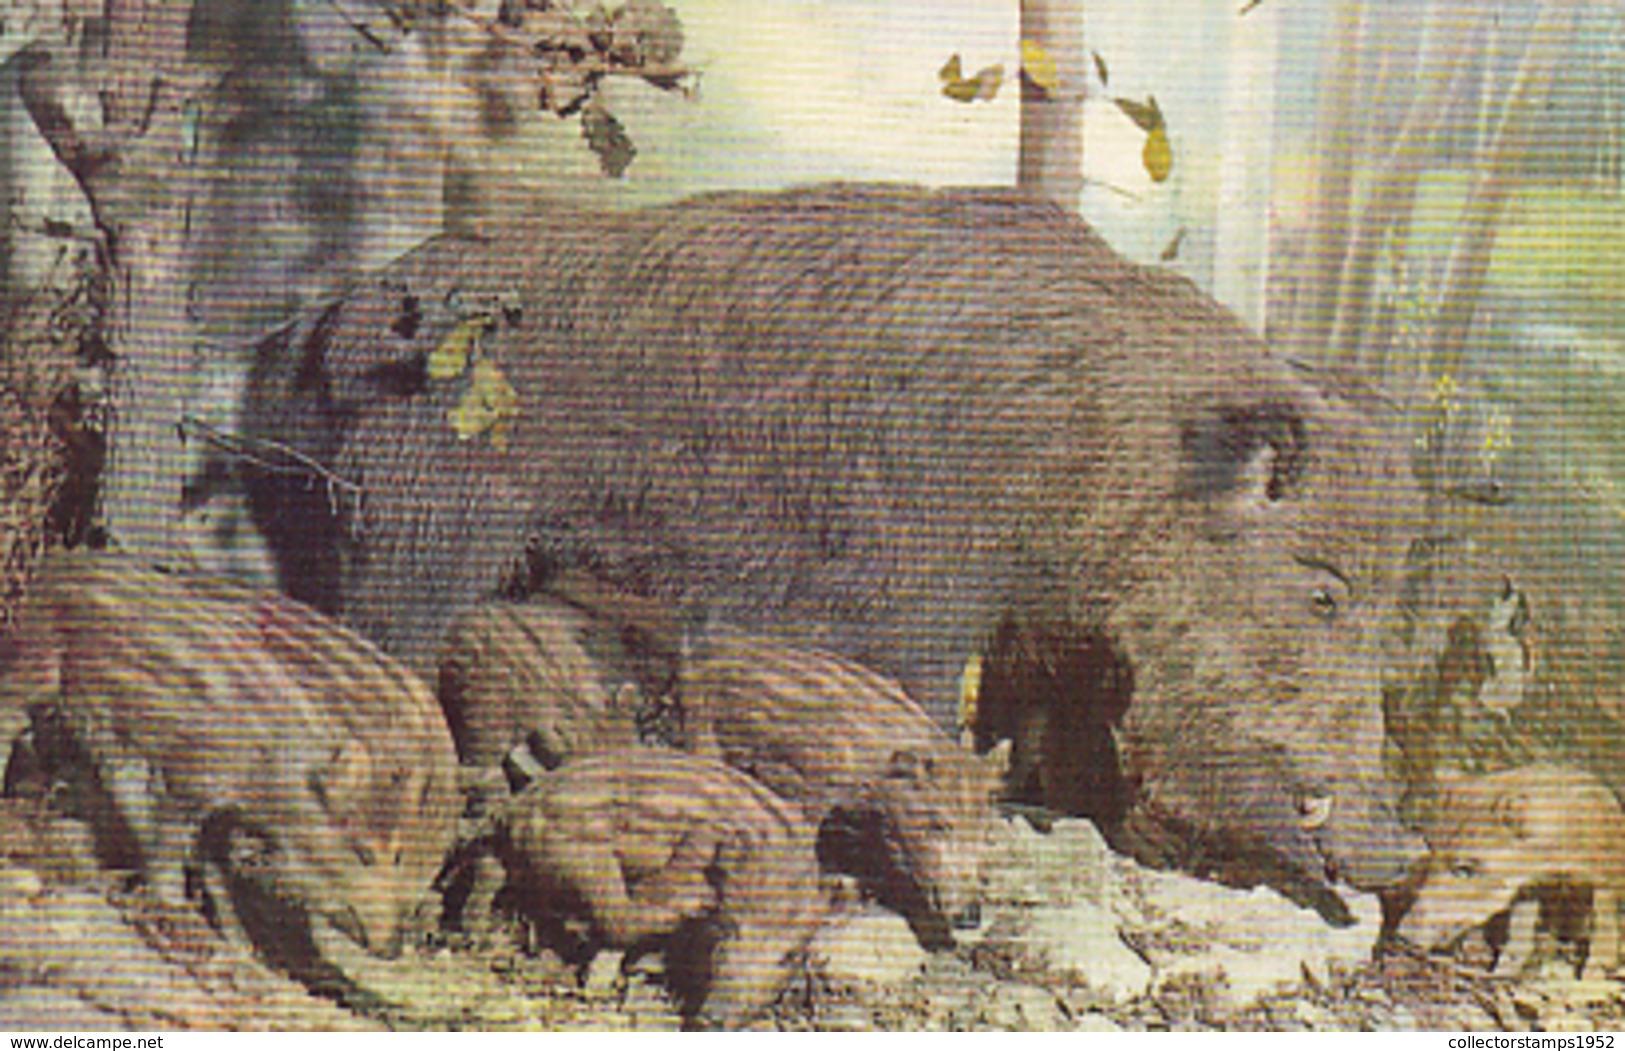 77115- WILD BOAR, WILD PIG, PIGLETS, ANIMALS - Cochons